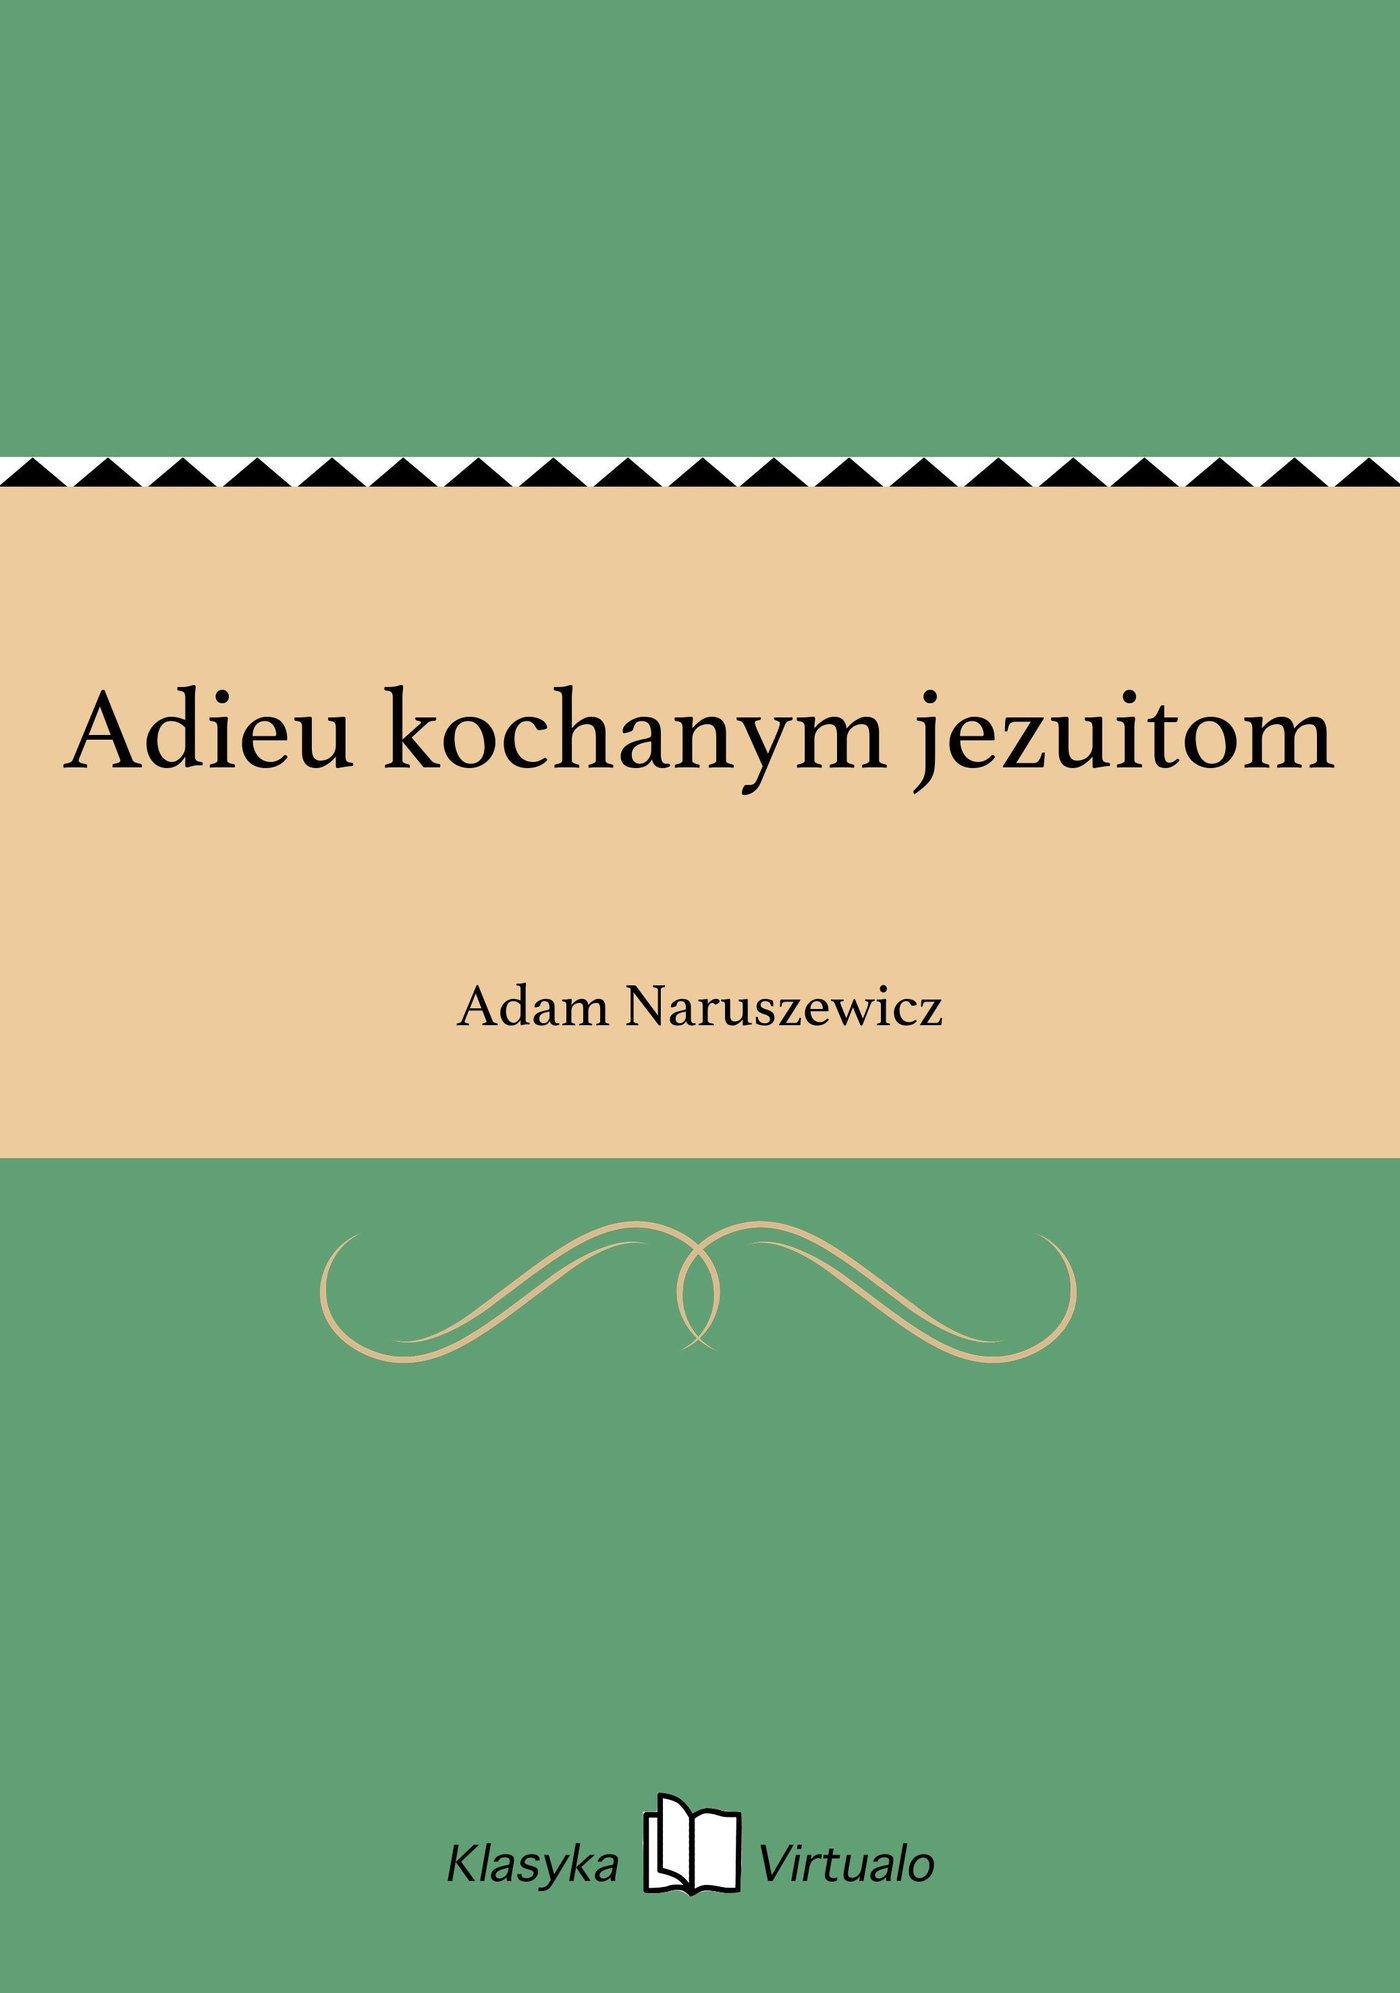 Adieu kochanym jezuitom - Ebook (Książka EPUB) do pobrania w formacie EPUB